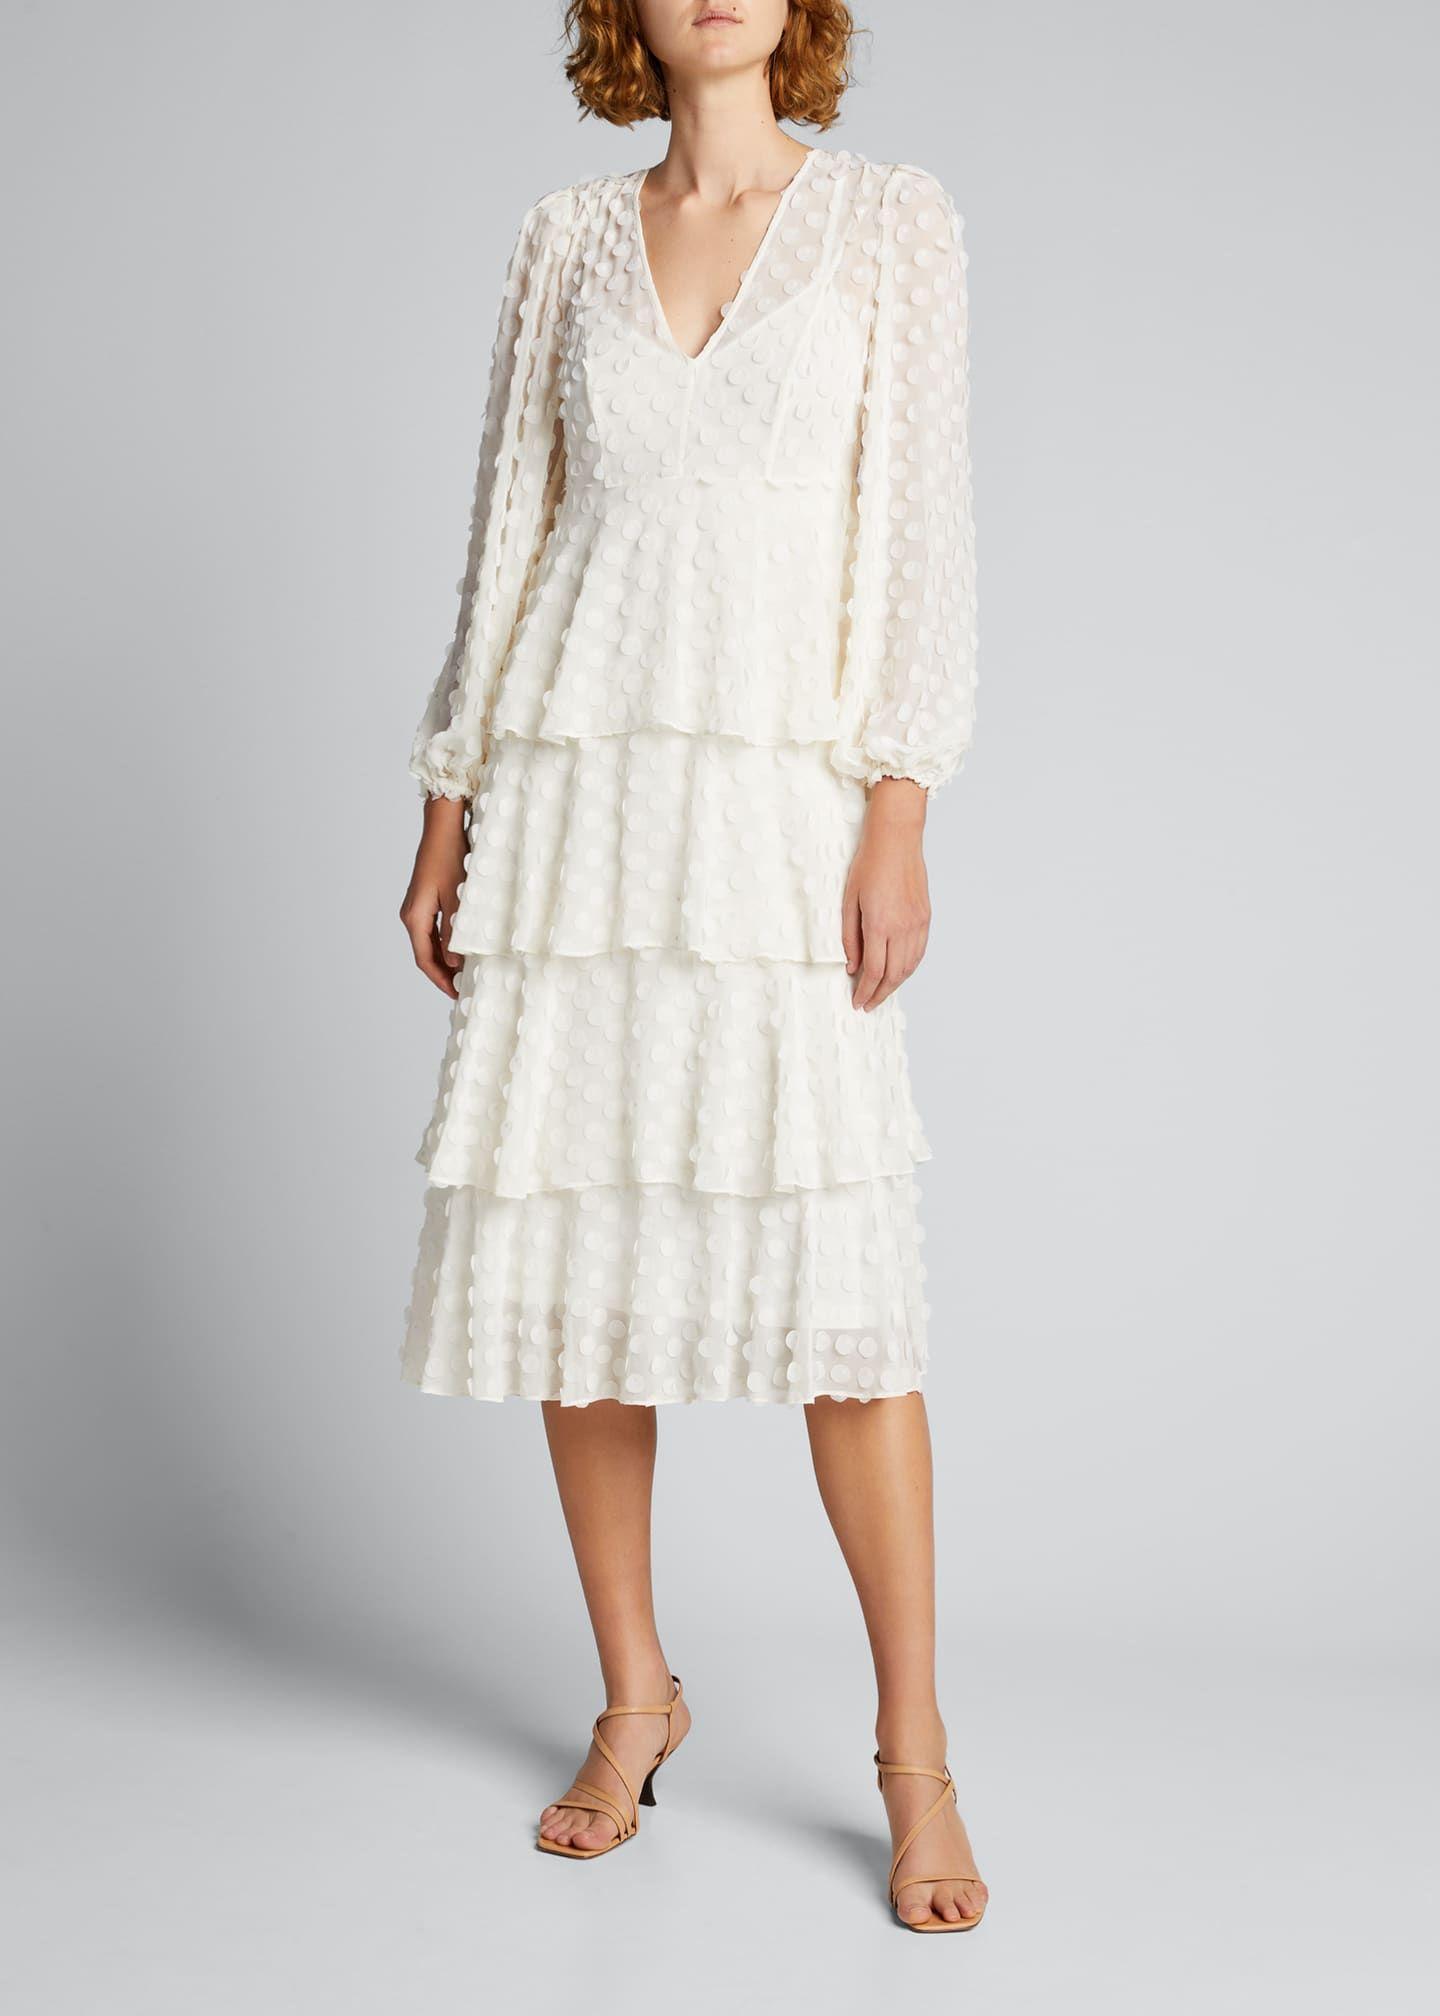 Zimmermann Textured Dot Tiered Midi Dress Bergdorf Goodman In 2021 Tiered Midi Dress Dresses Midi Dress [ 2016 x 1440 Pixel ]